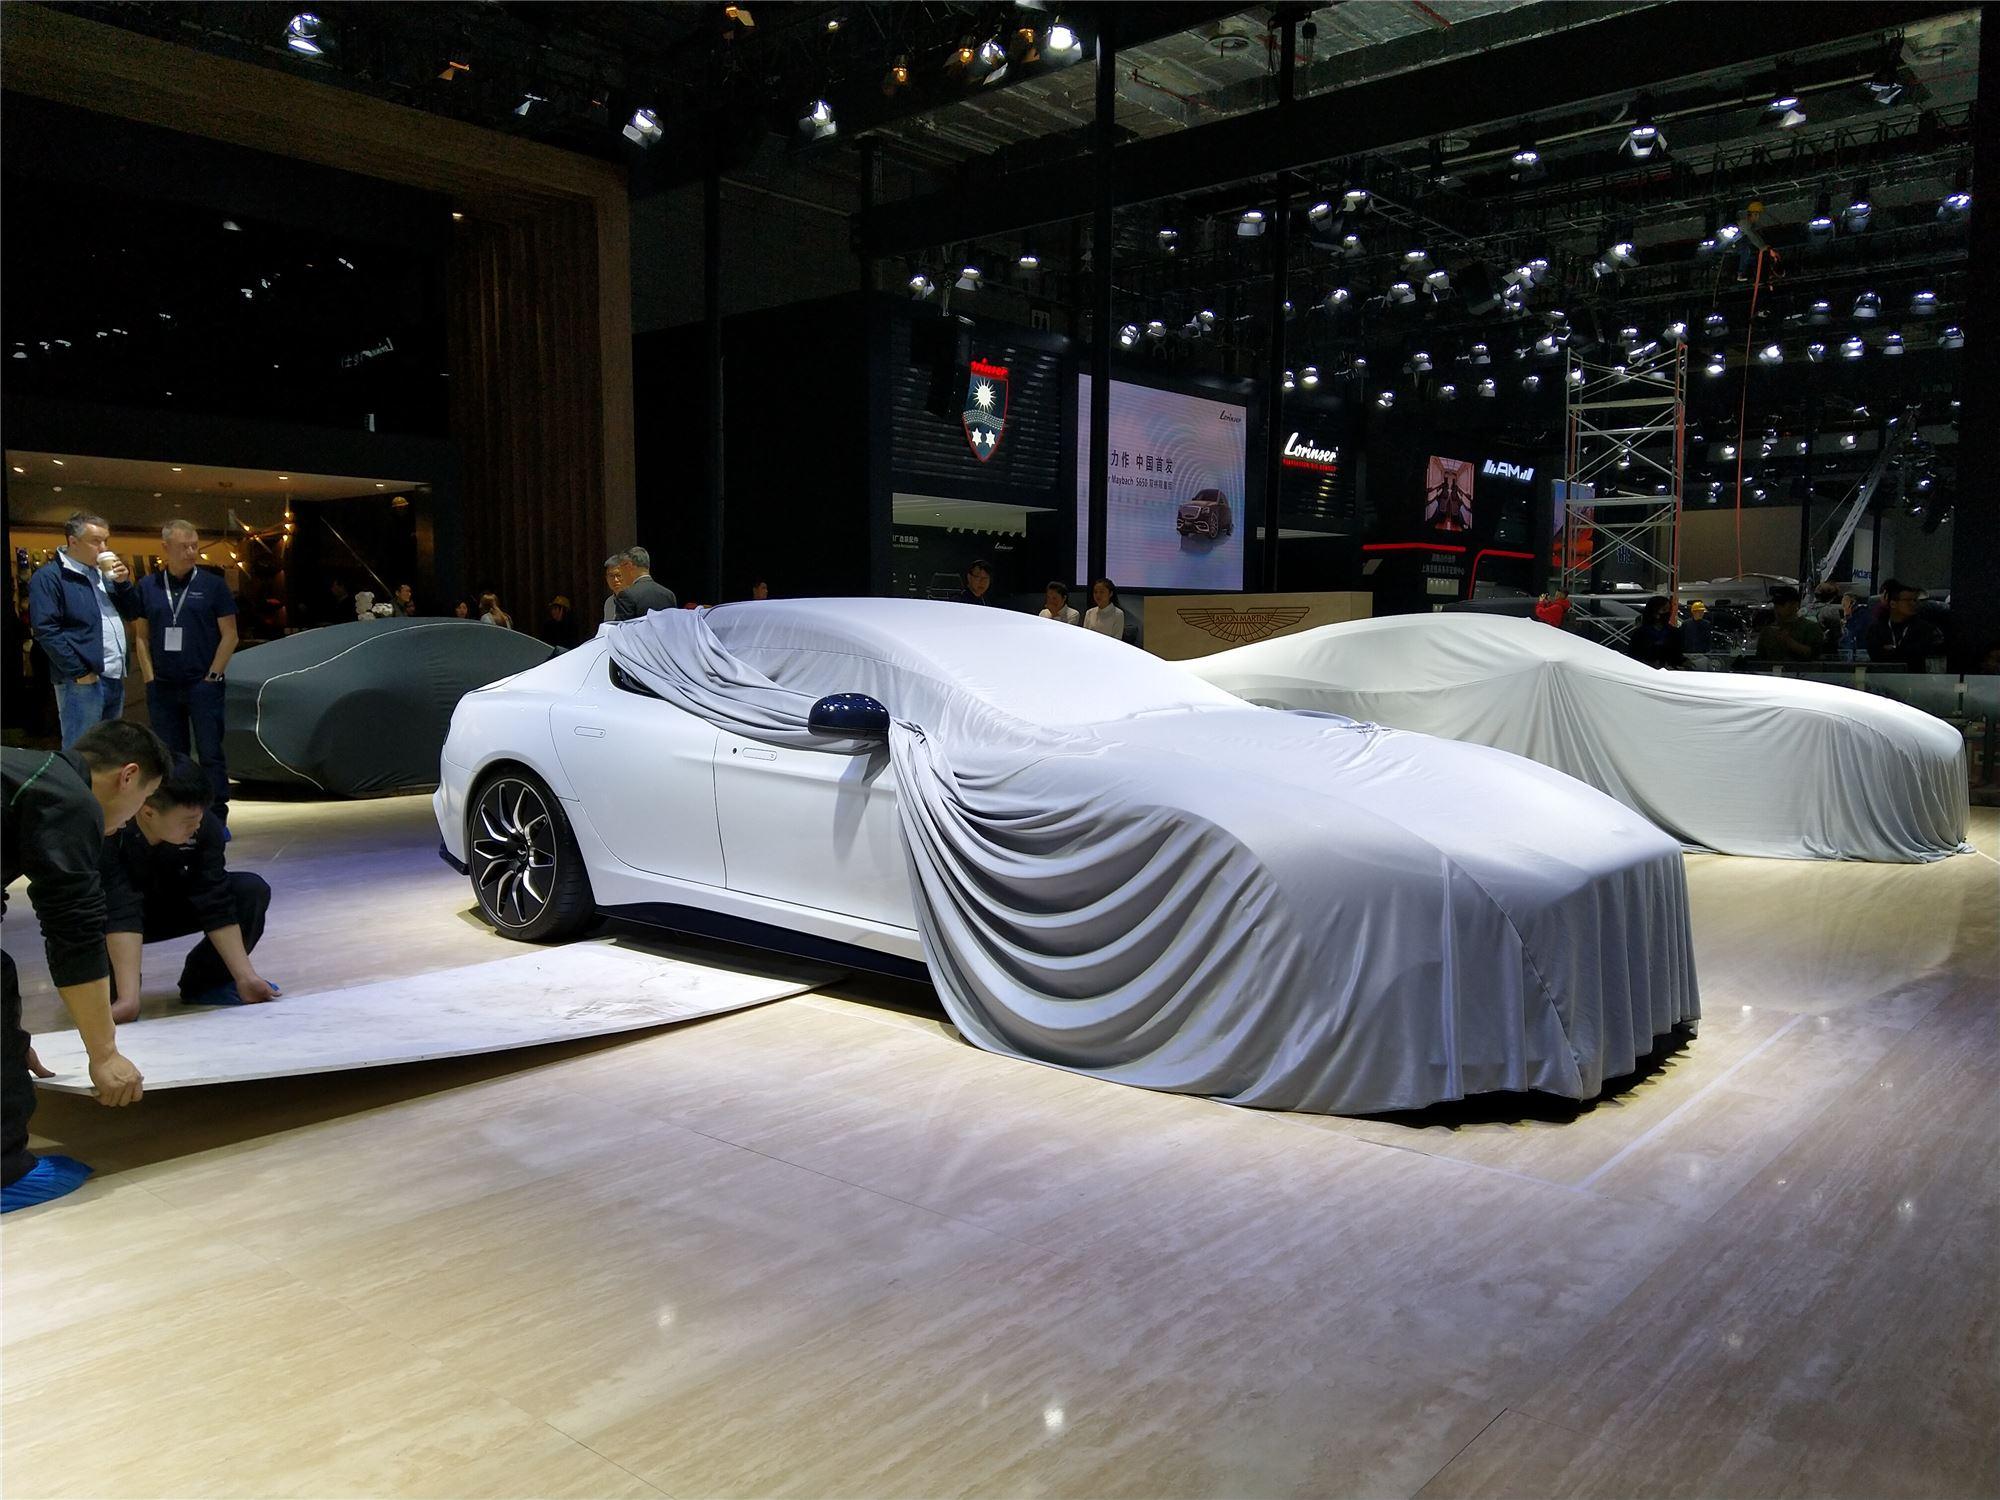 2019上海车展探馆阿斯顿·马丁首款纯电动车 Rapide E将于上海车展全球首秀